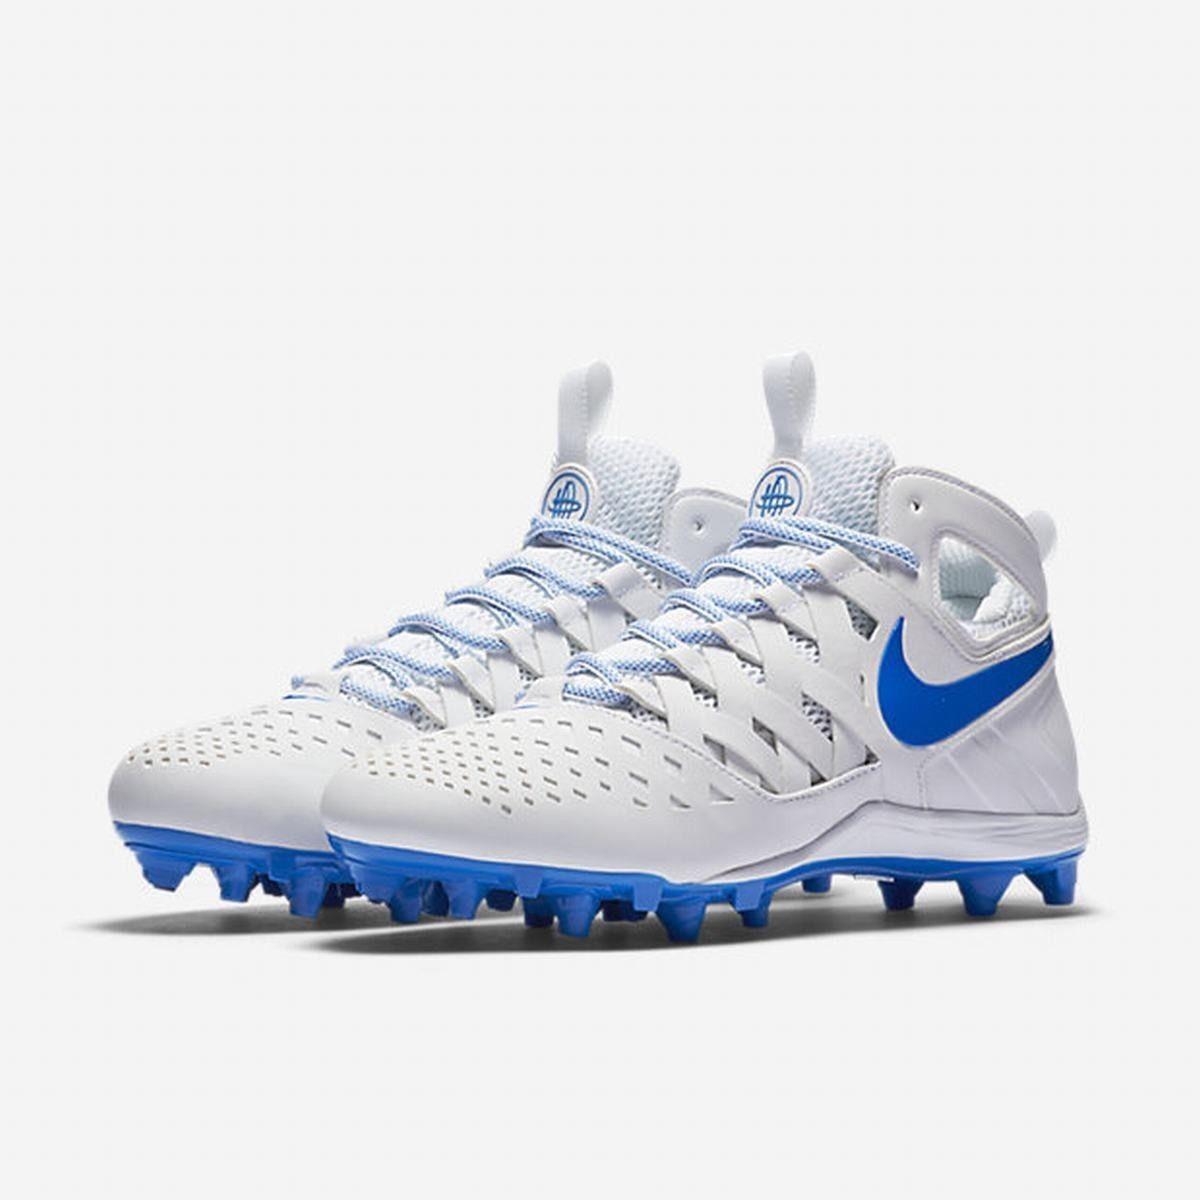 SZ 9 Men's Nike Huarache V 807142-141 White Royal bluee Lax Lacrosse Cleats